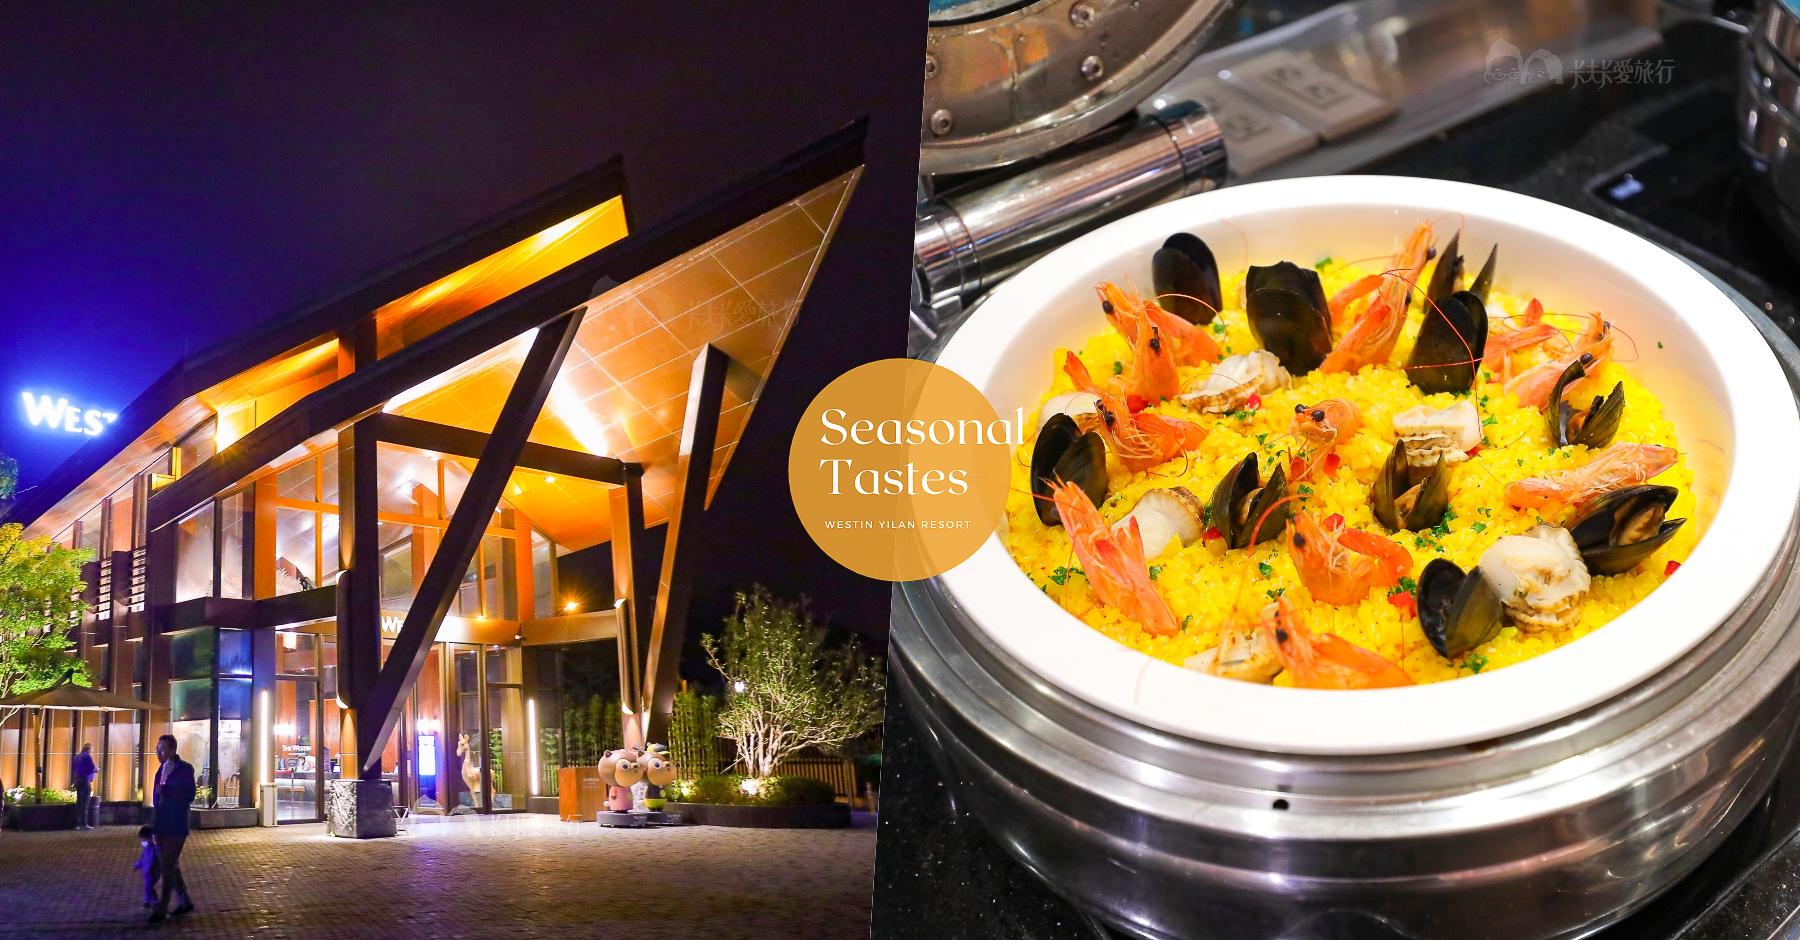 宜蘭吃到飽|力麗威斯汀酒店自助餐|2021全新改裝新菜色地中海料理牛排海鮮甜點吃到飽